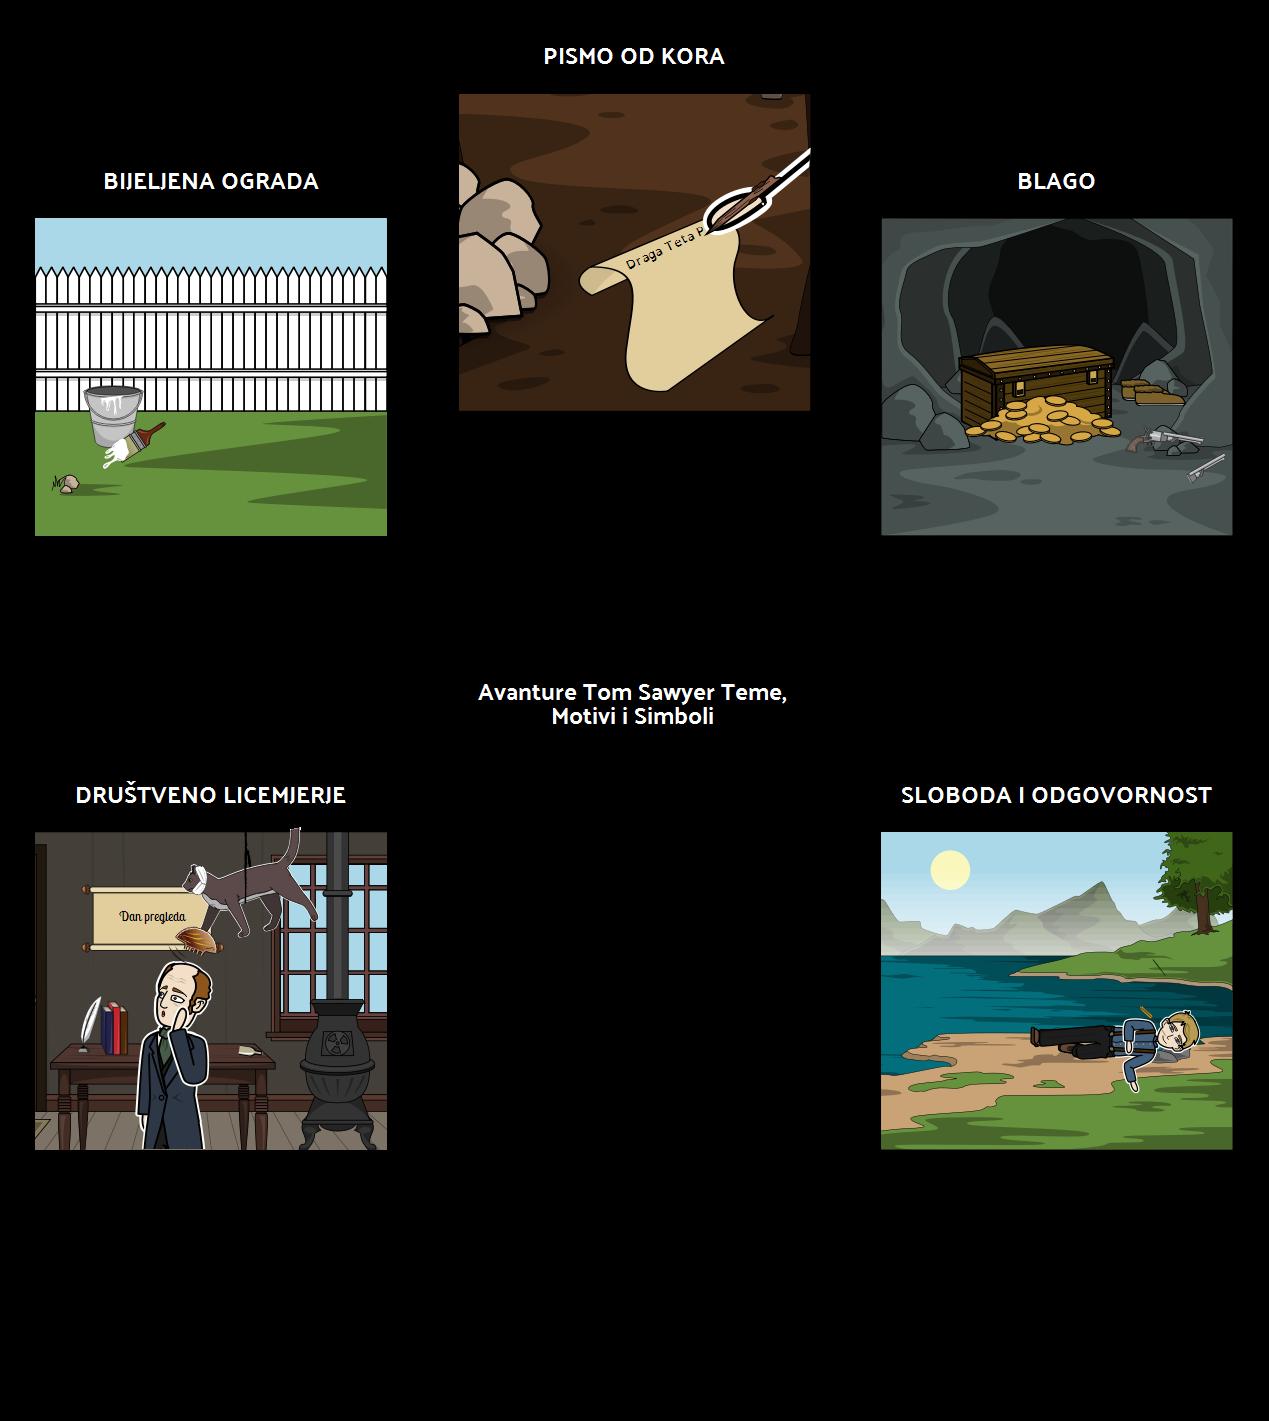 Avanture Tom Sawyer Teme, Motivi i Simboli